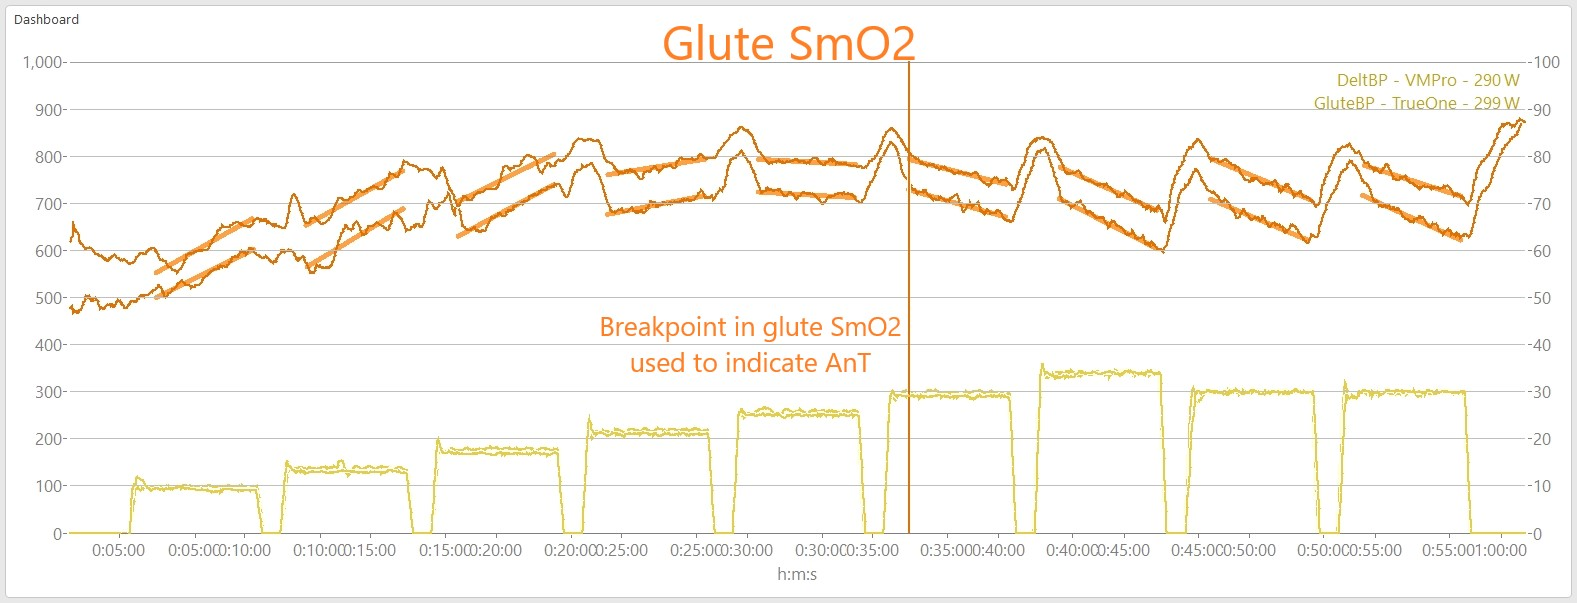 5-1_GluteBP_Comparison